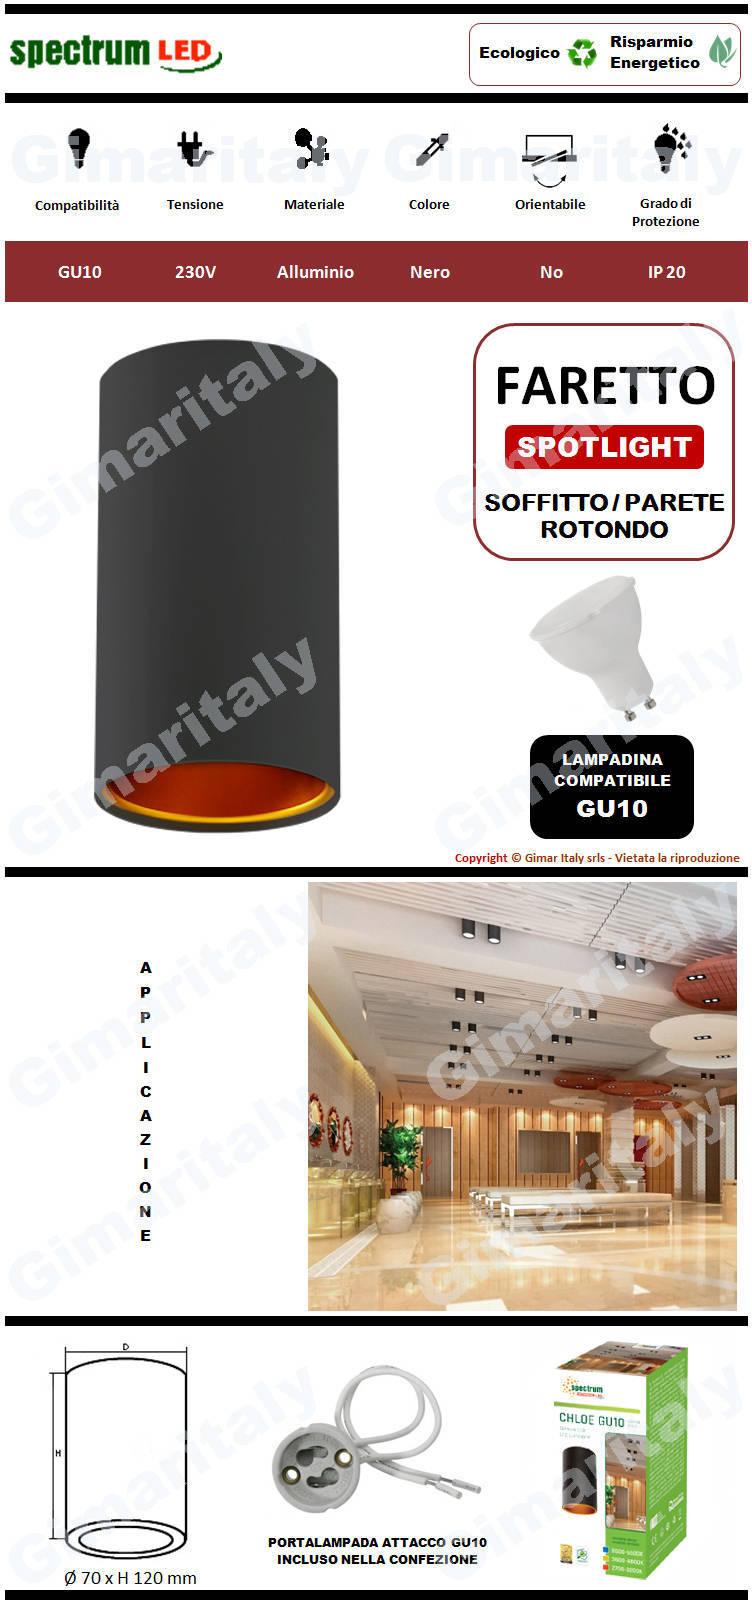 Portafaretto Rotondo Nero da soffitto per lampadina GU10 Spectrum